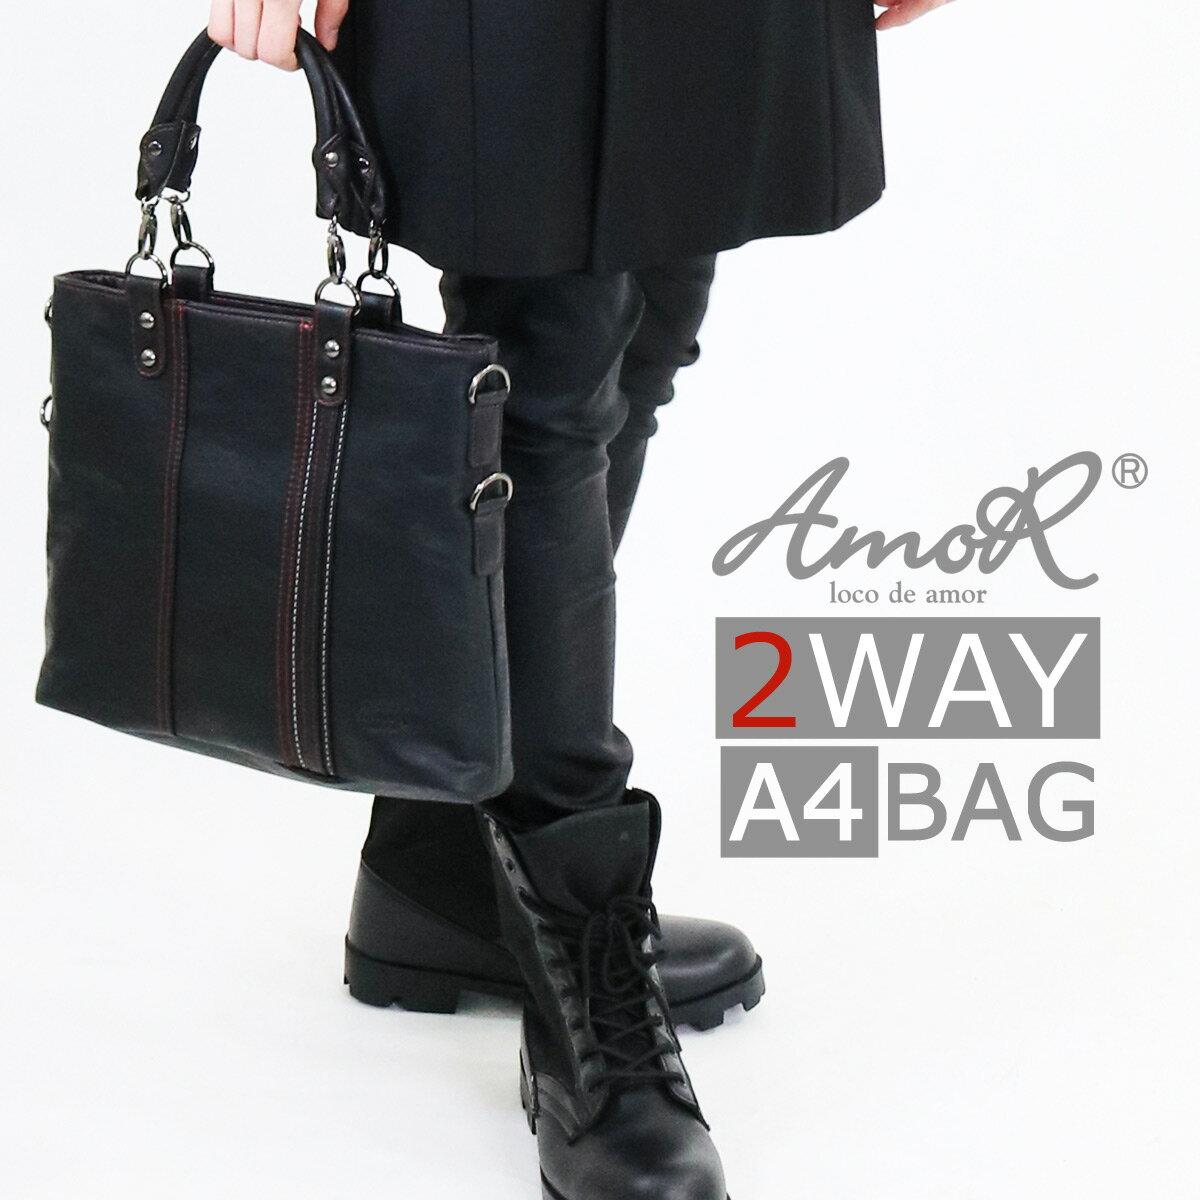 【AmoR】送料無料 2WAYバッグ ショルダーバッグ A4 メンズバッグ ビジネスバッグ Mサイズ PU革 トートバッグ 男性用 メンズ カジュアル